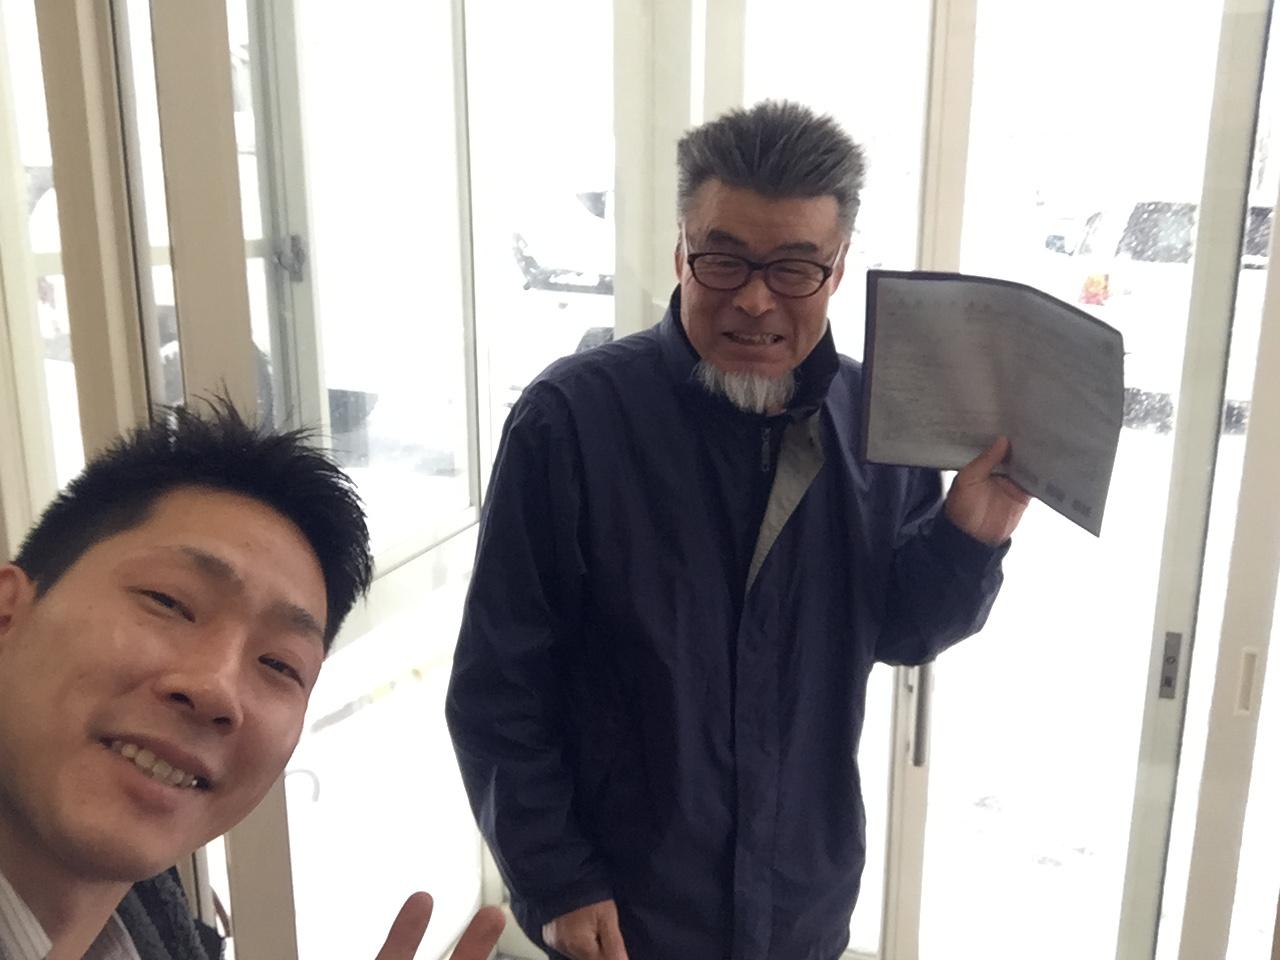 12月8日 金曜日のひとログ( 'ω' )ノ 本日大雪★TOMMY除雪機大活躍!!!除雪車リースも承り〼★_b0127002_17495934.jpg